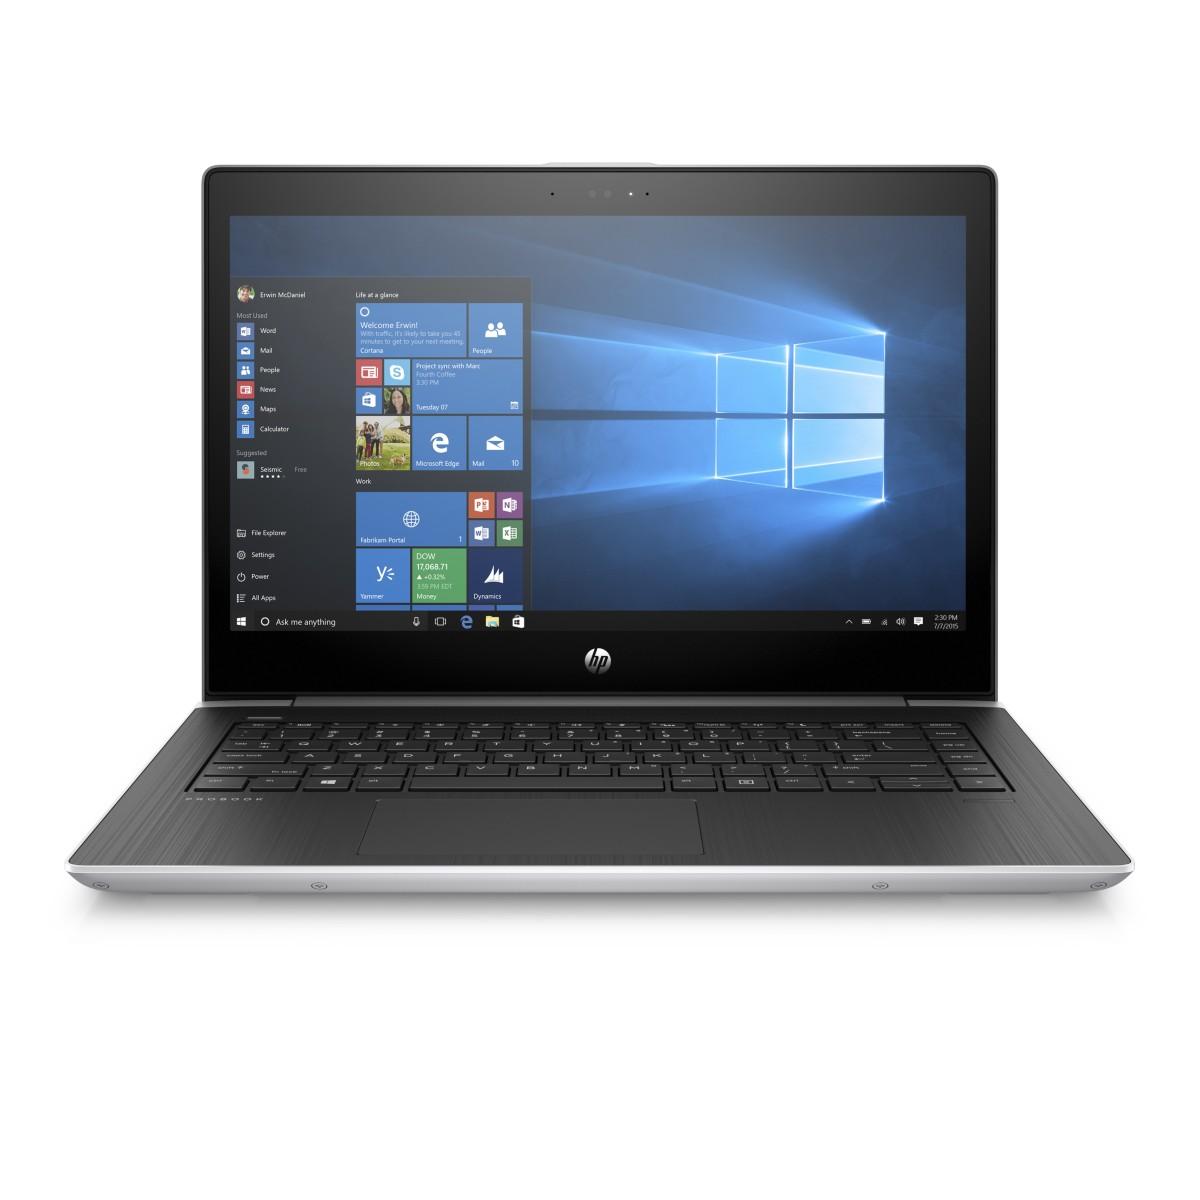 HP ProBook 440 G5 i3-8130U/8GB/256GB SSD+slot 2,5''/14'' FHD/Backlit kbd, Win 10 Pro